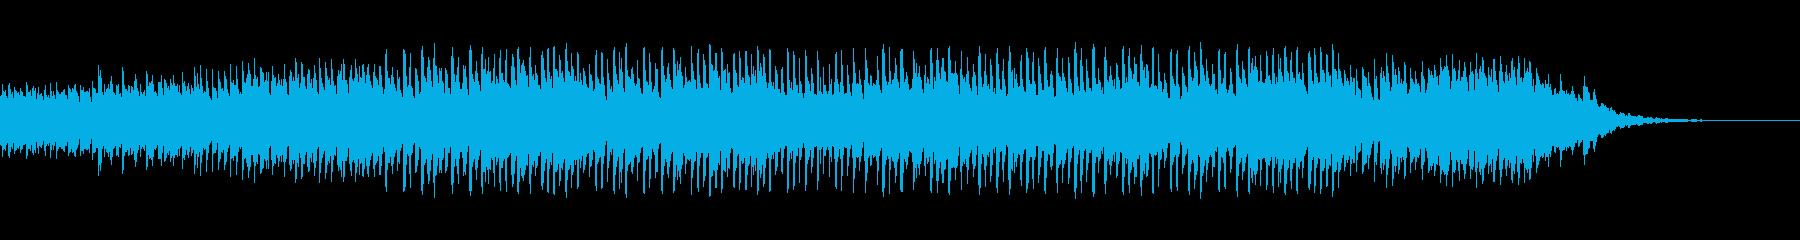 癒されるリラクゼーションミュージックの再生済みの波形